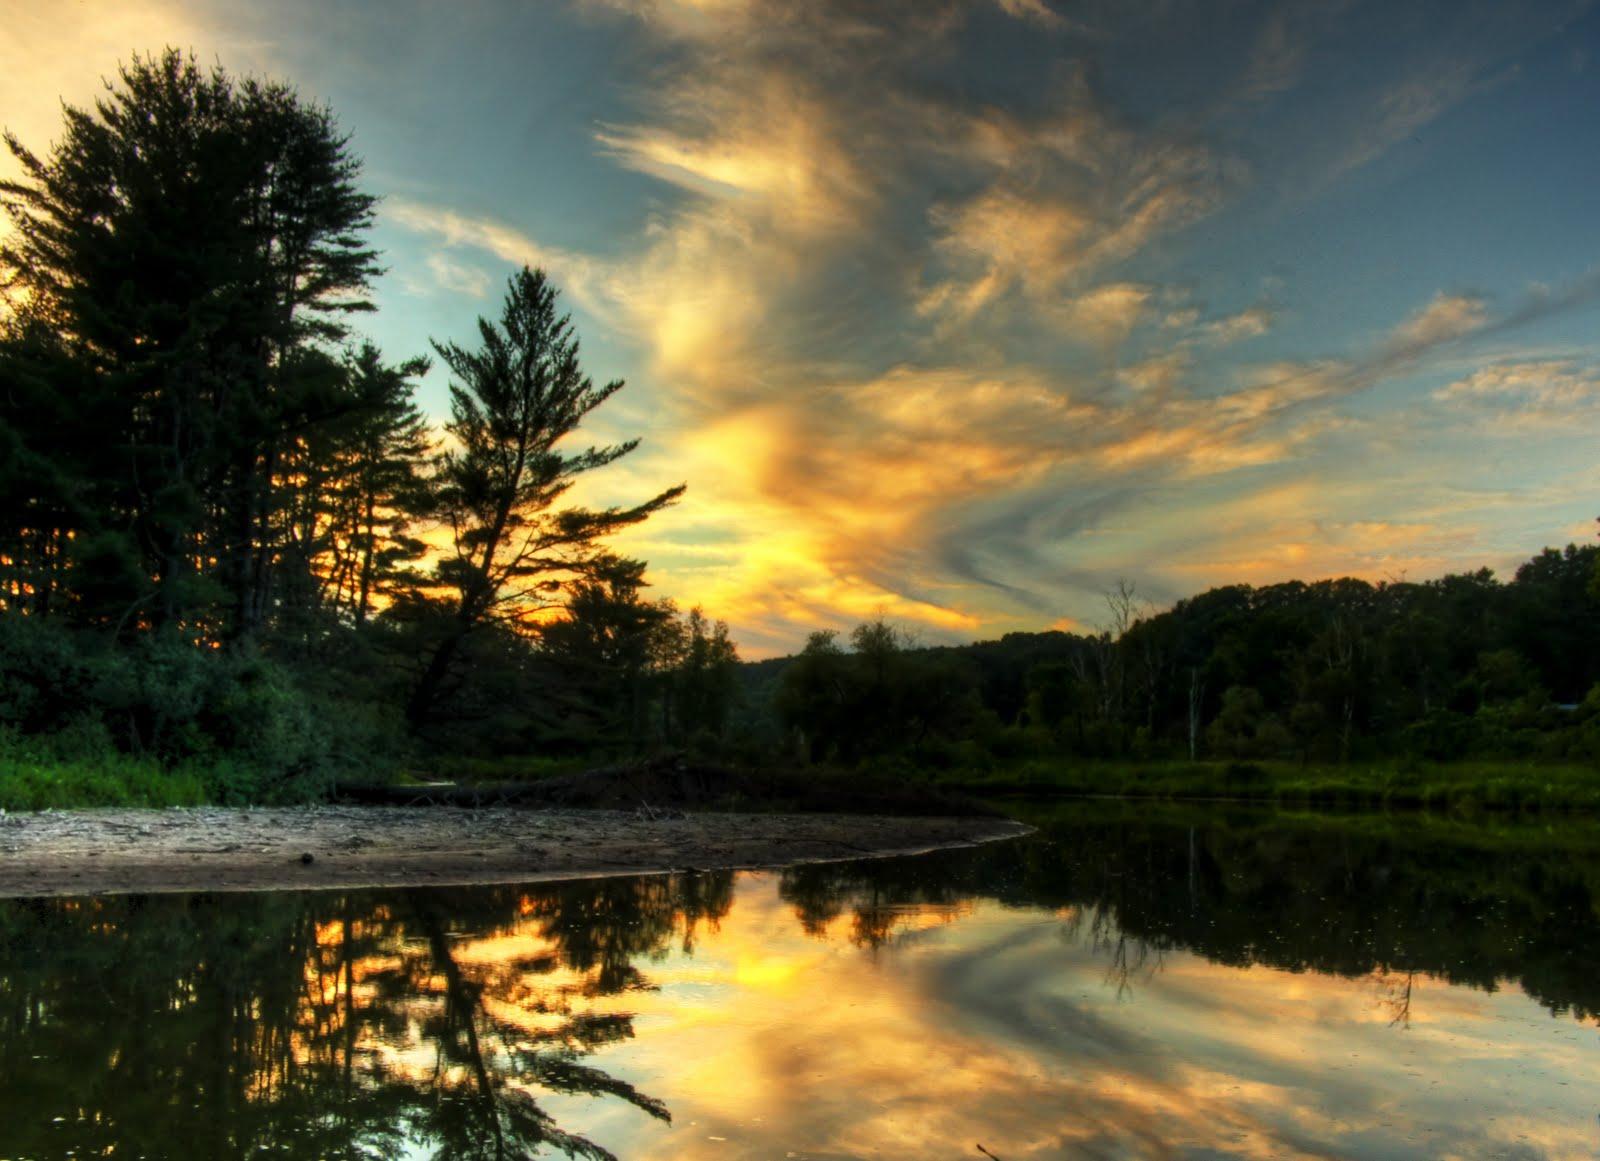 Matt Roginski Photography: Sunset in Union Village, VTunion village